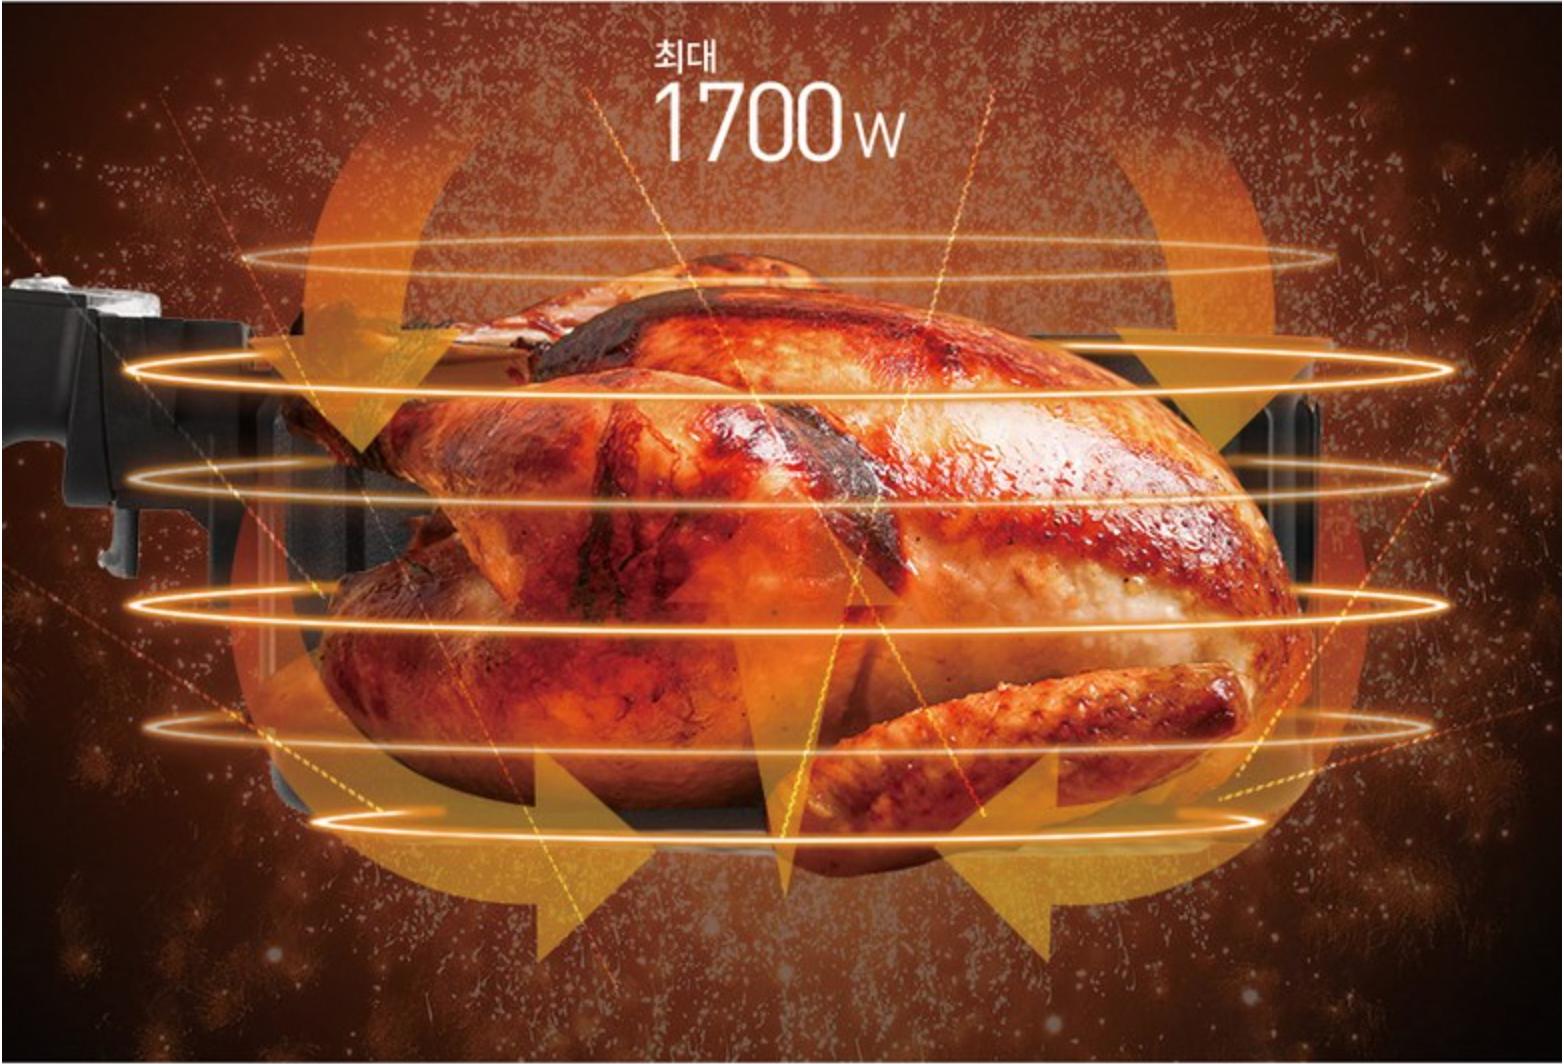 Công nghệ tản nhiệt đa chiều, chiên nướng không cần lật